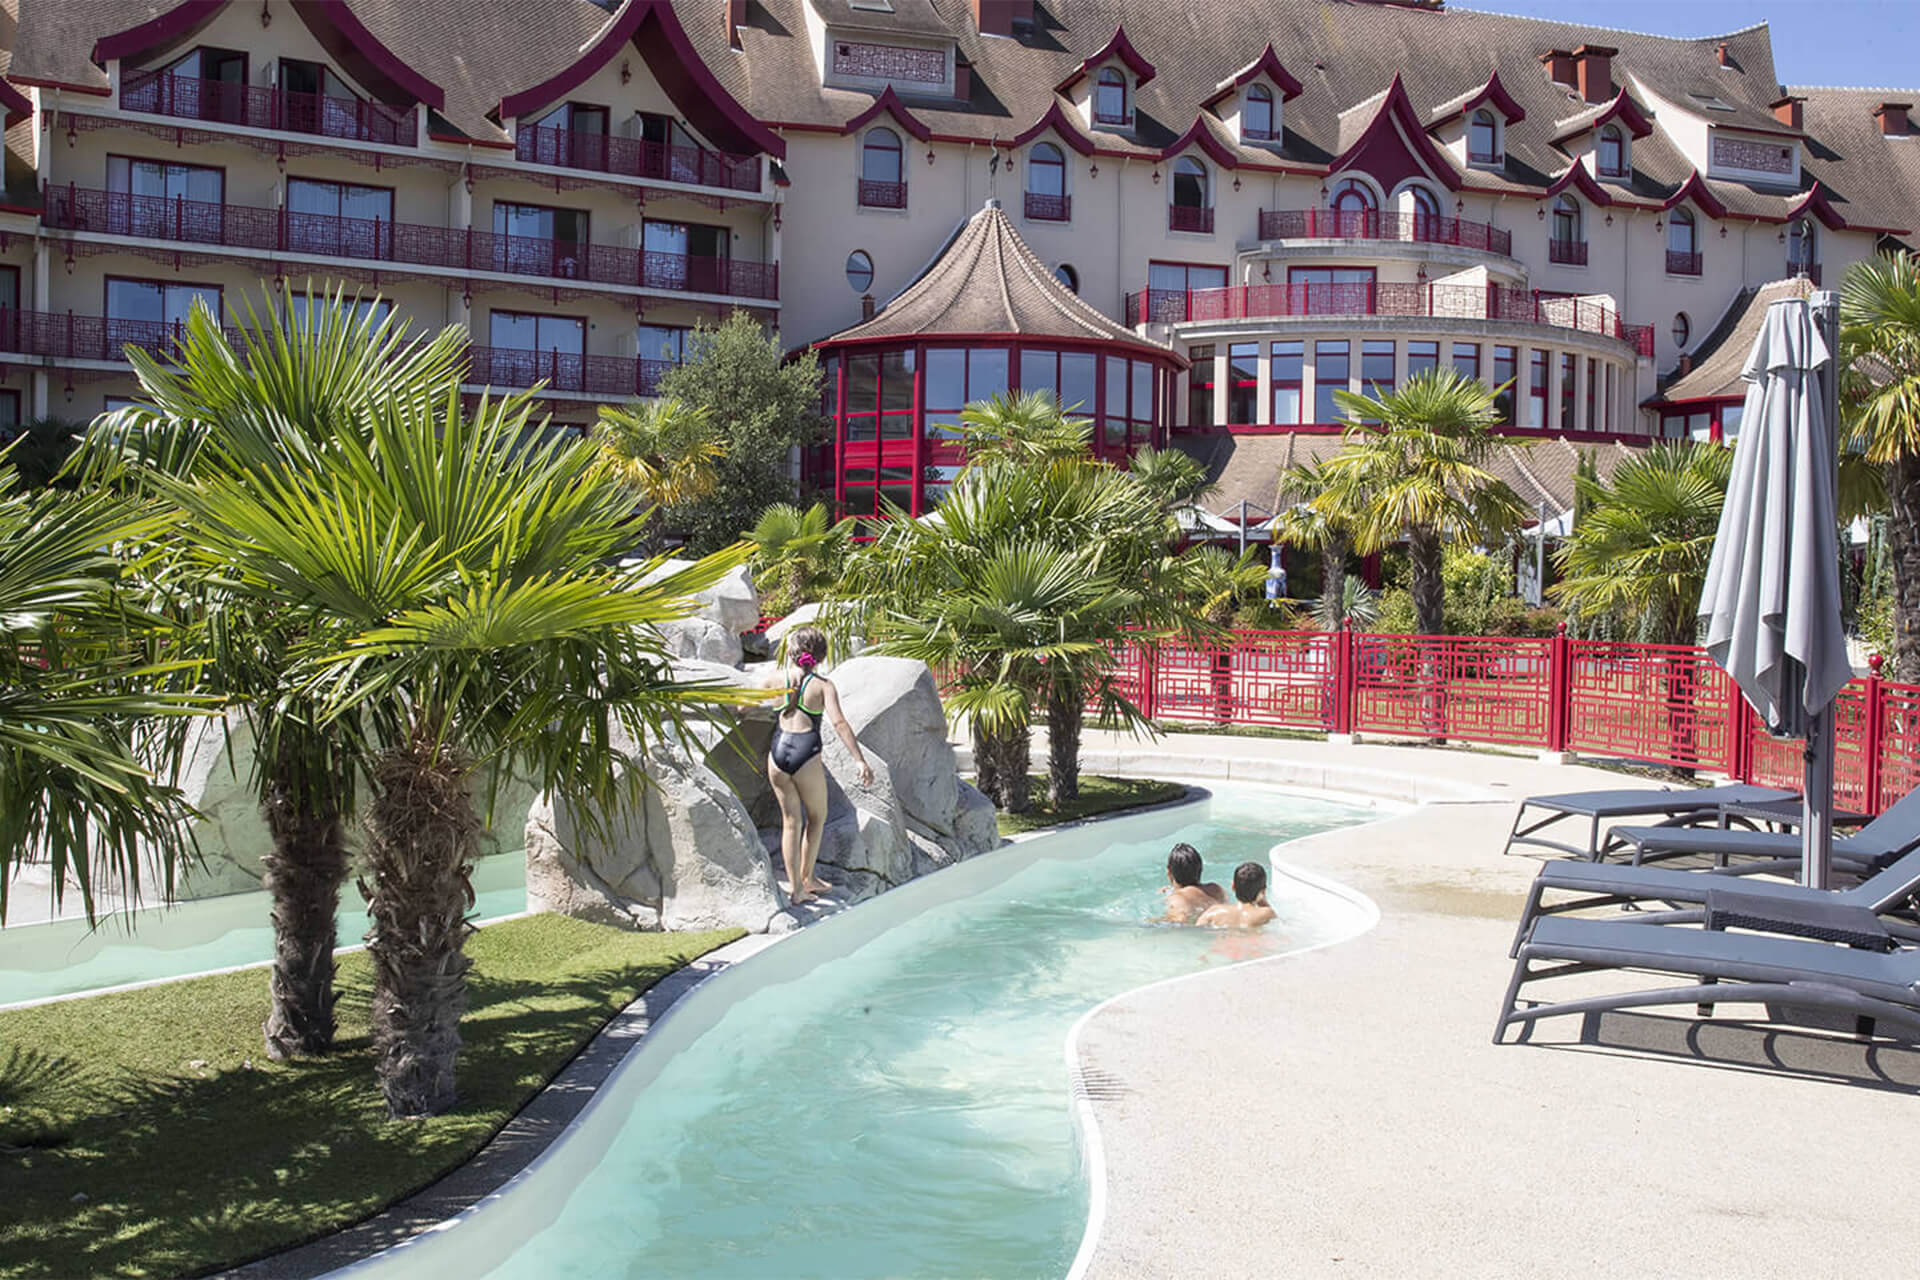 Séjournez aux hôtels de Beauval et profitez de nos piscines